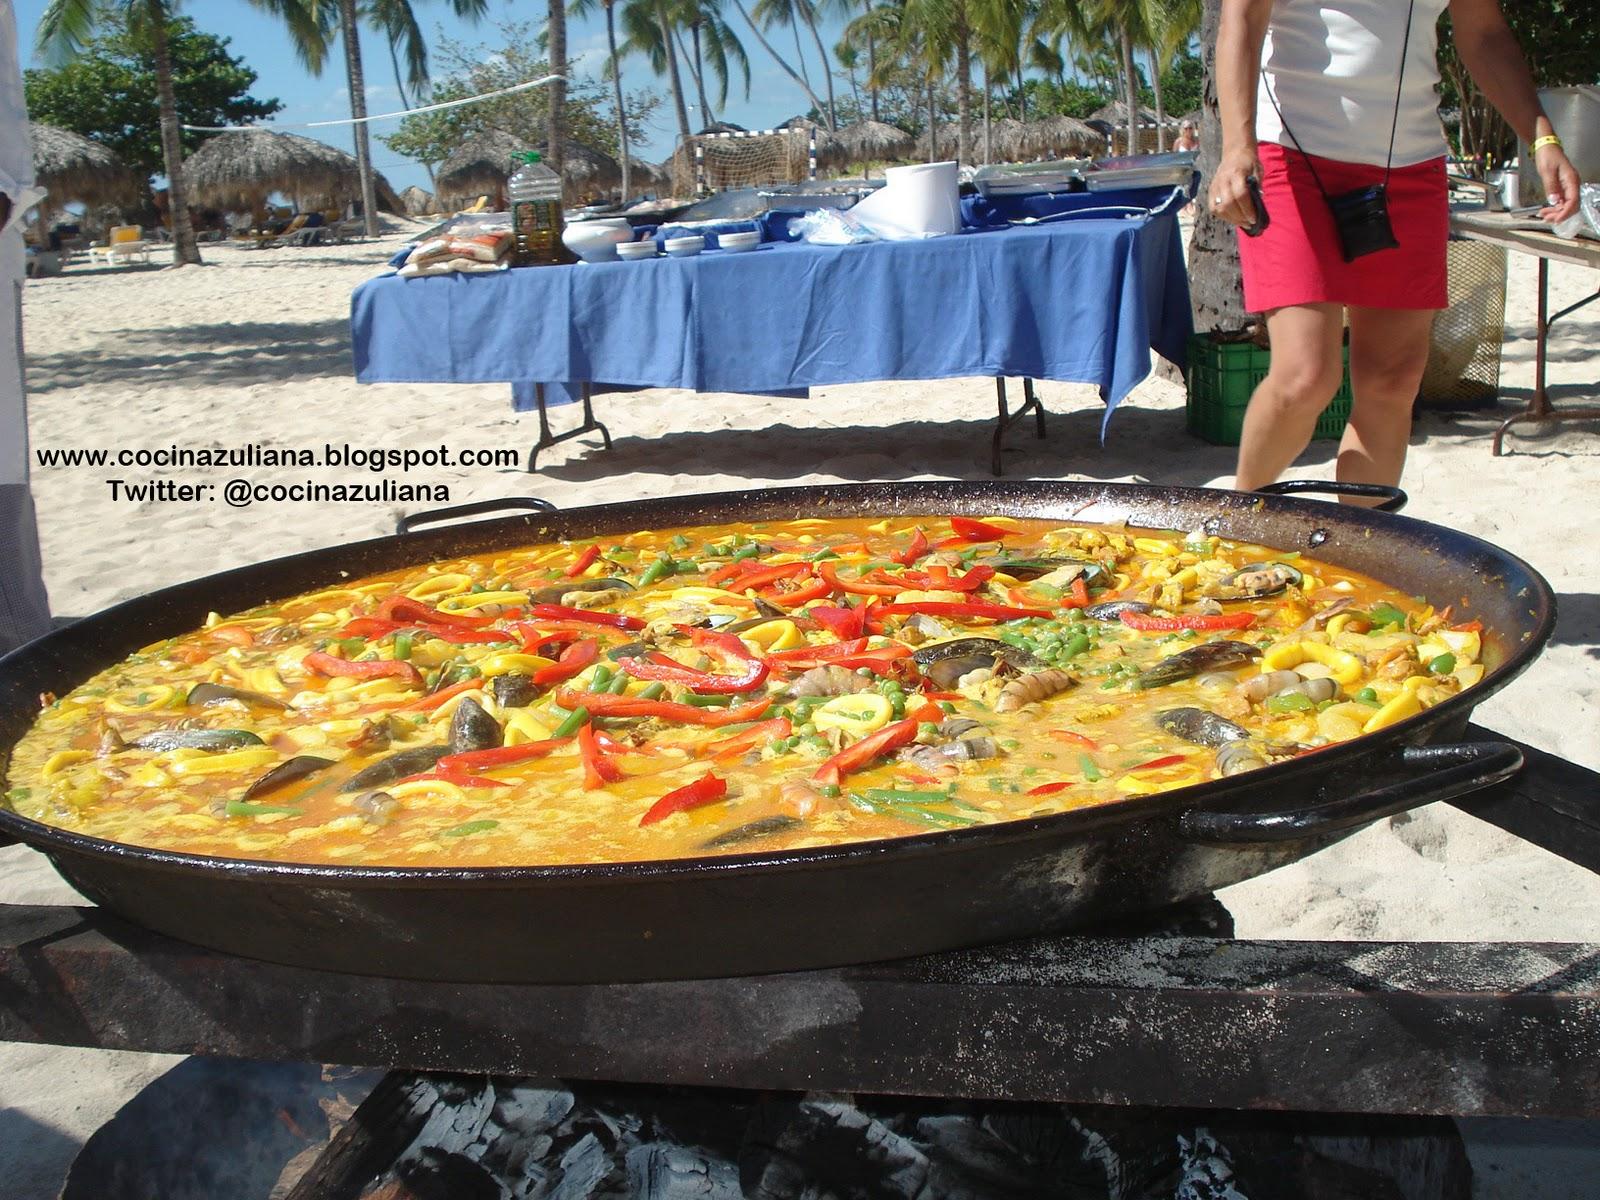 Paella en rep blica dominicana cocina zuliana for Cocina dominicana